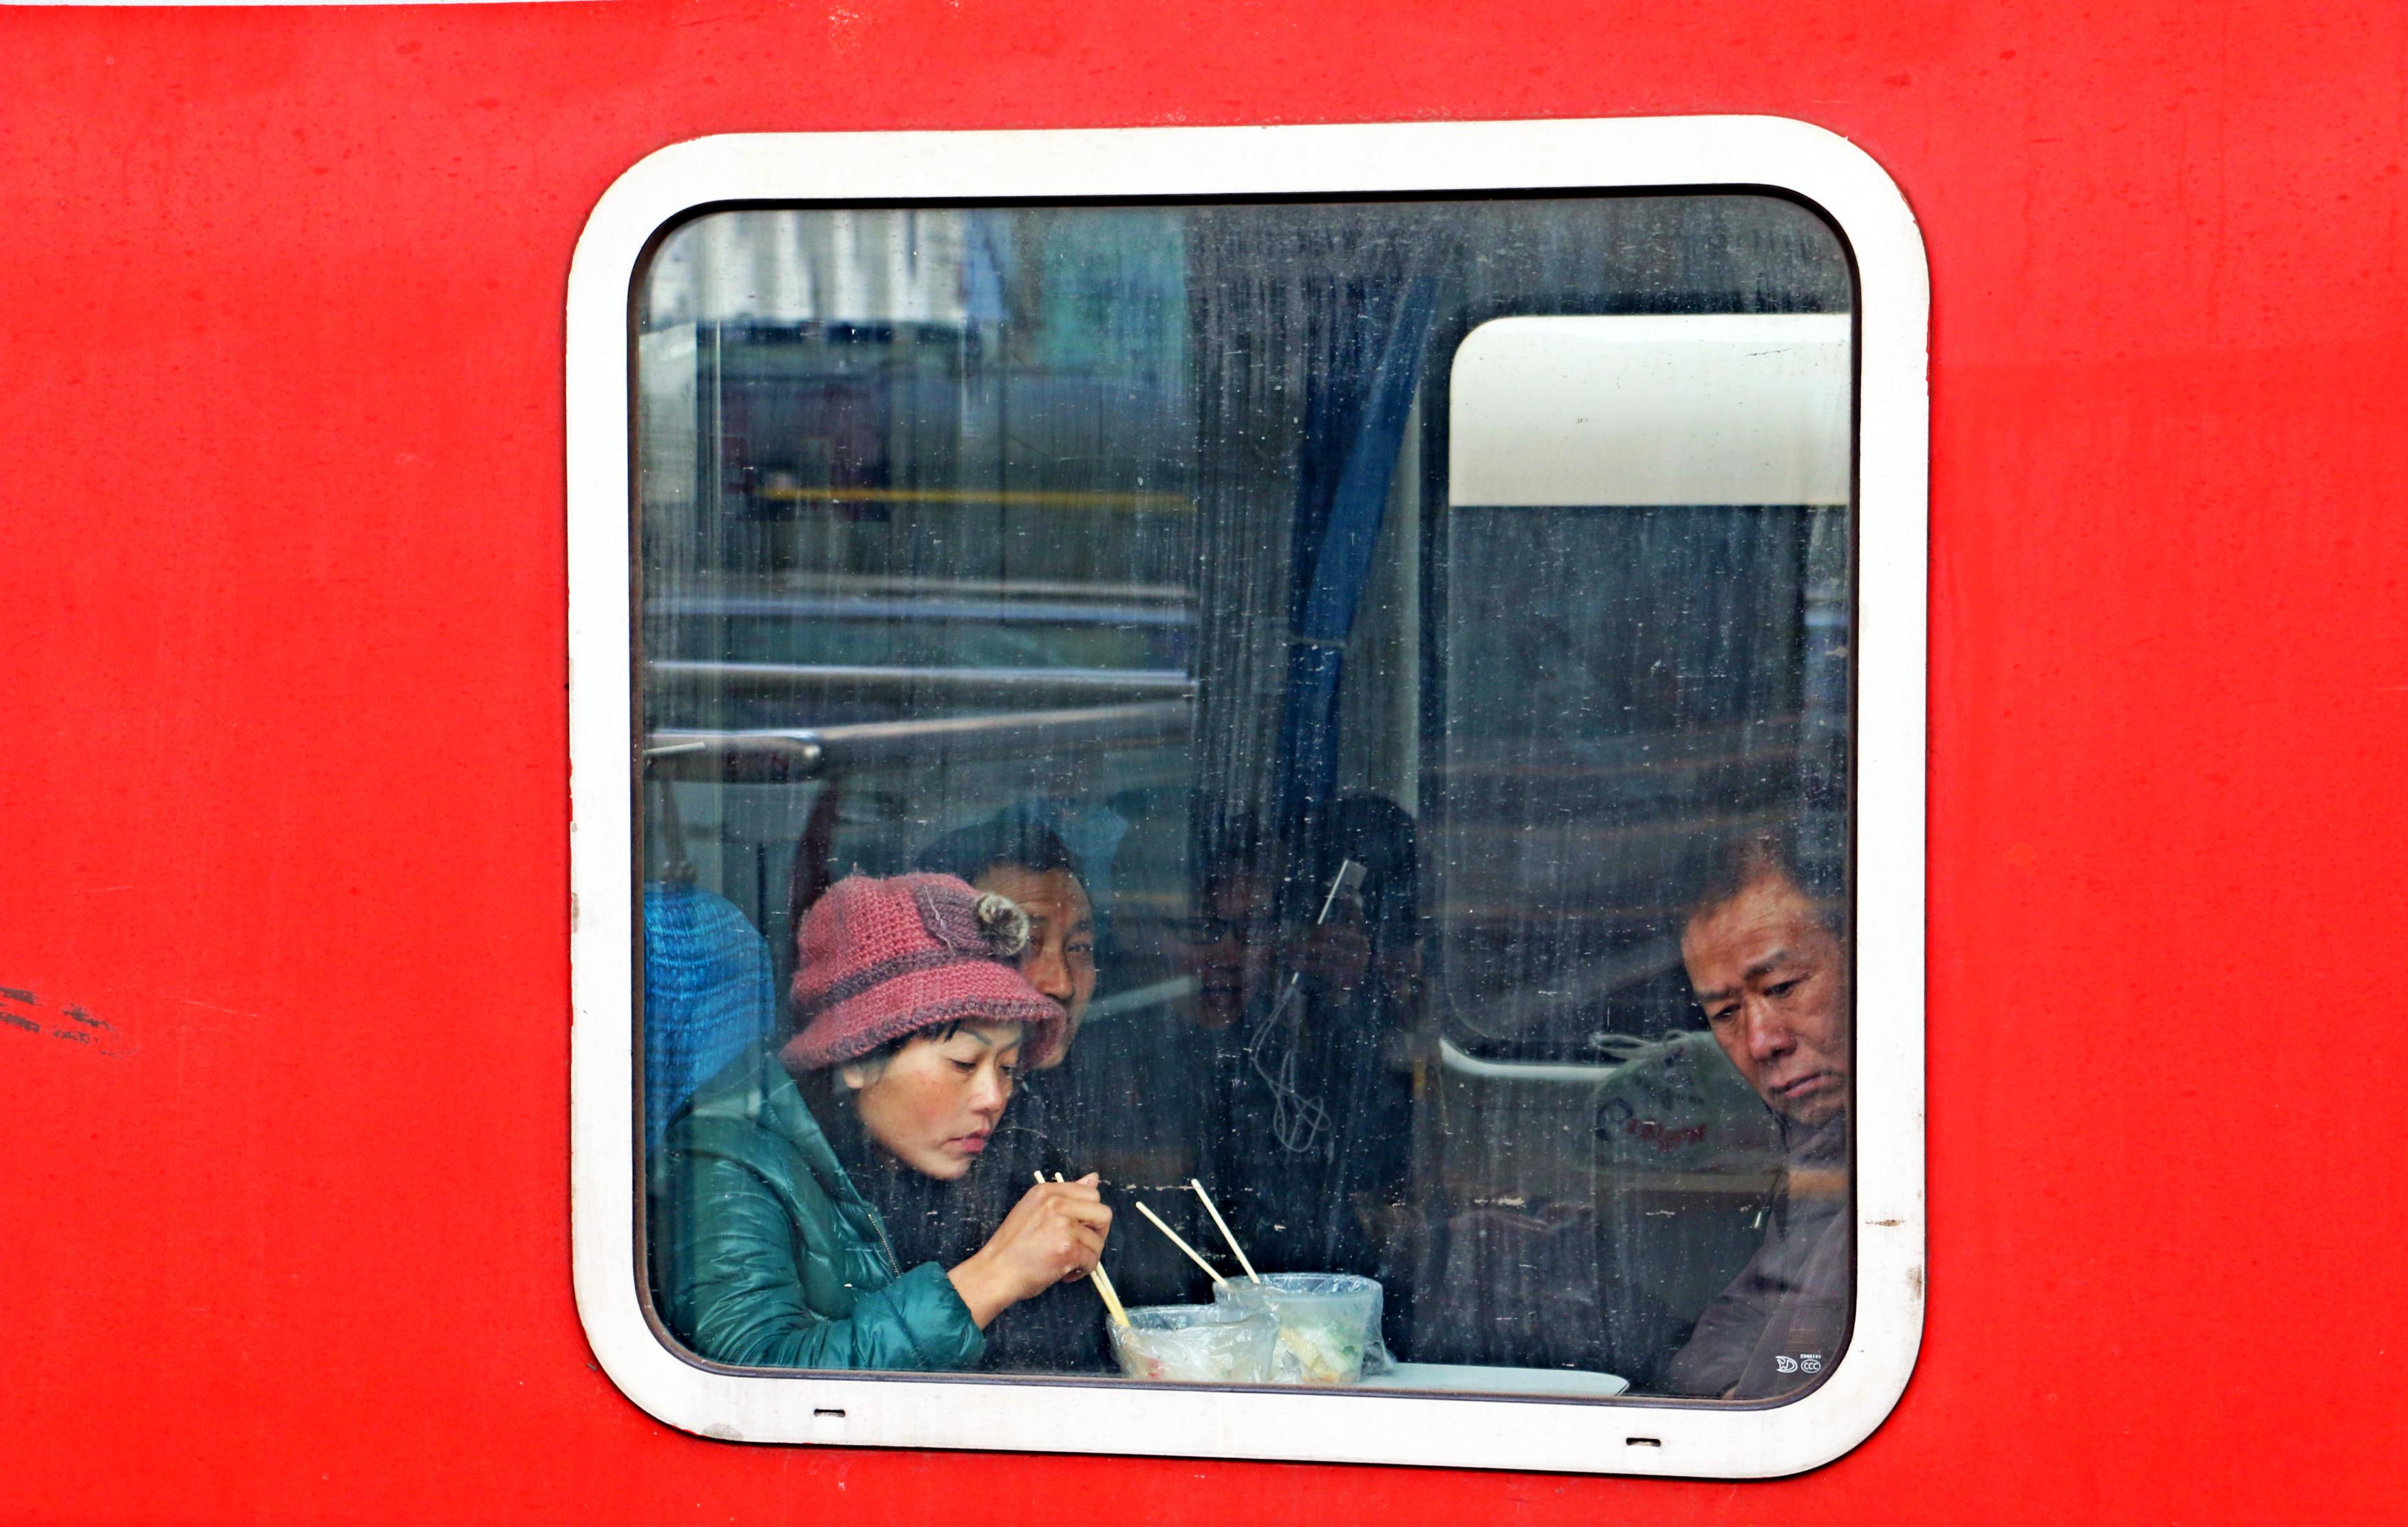 1月29日,青岛火车站内,每一列前行的春运列车都是通向远方家园的温暖桥梁,而透过每一扇车窗,能看到返乡者回家路上最真实的自己,那个时候或站或坐在车厢内,悬着的心总算是落下了。他们或疲倦闭目,或沉思静想。小小车窗,承载了很多的梦想。祝福他们,一路顺风,新年快乐!